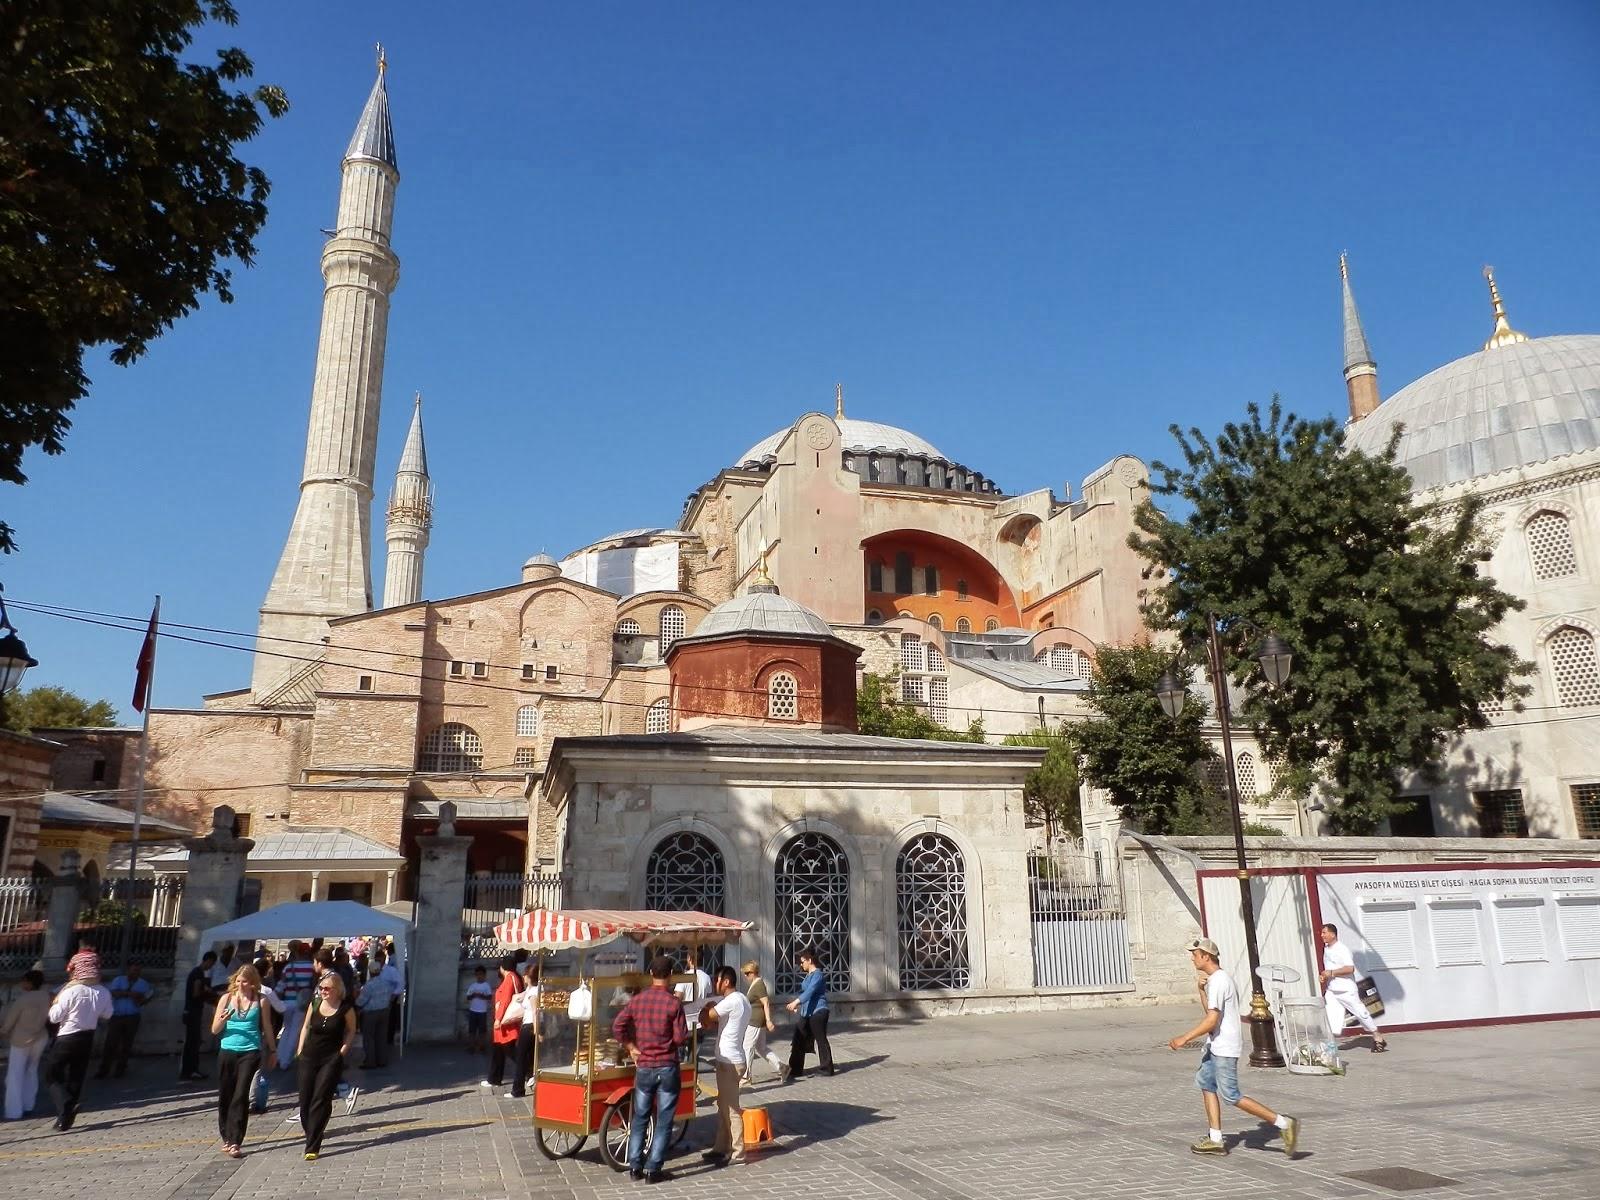 Христианский православный Собор Святой Софии Премудрости Божией, Святая София Константинопольская, Ая-Софья, Стамбул, Турция